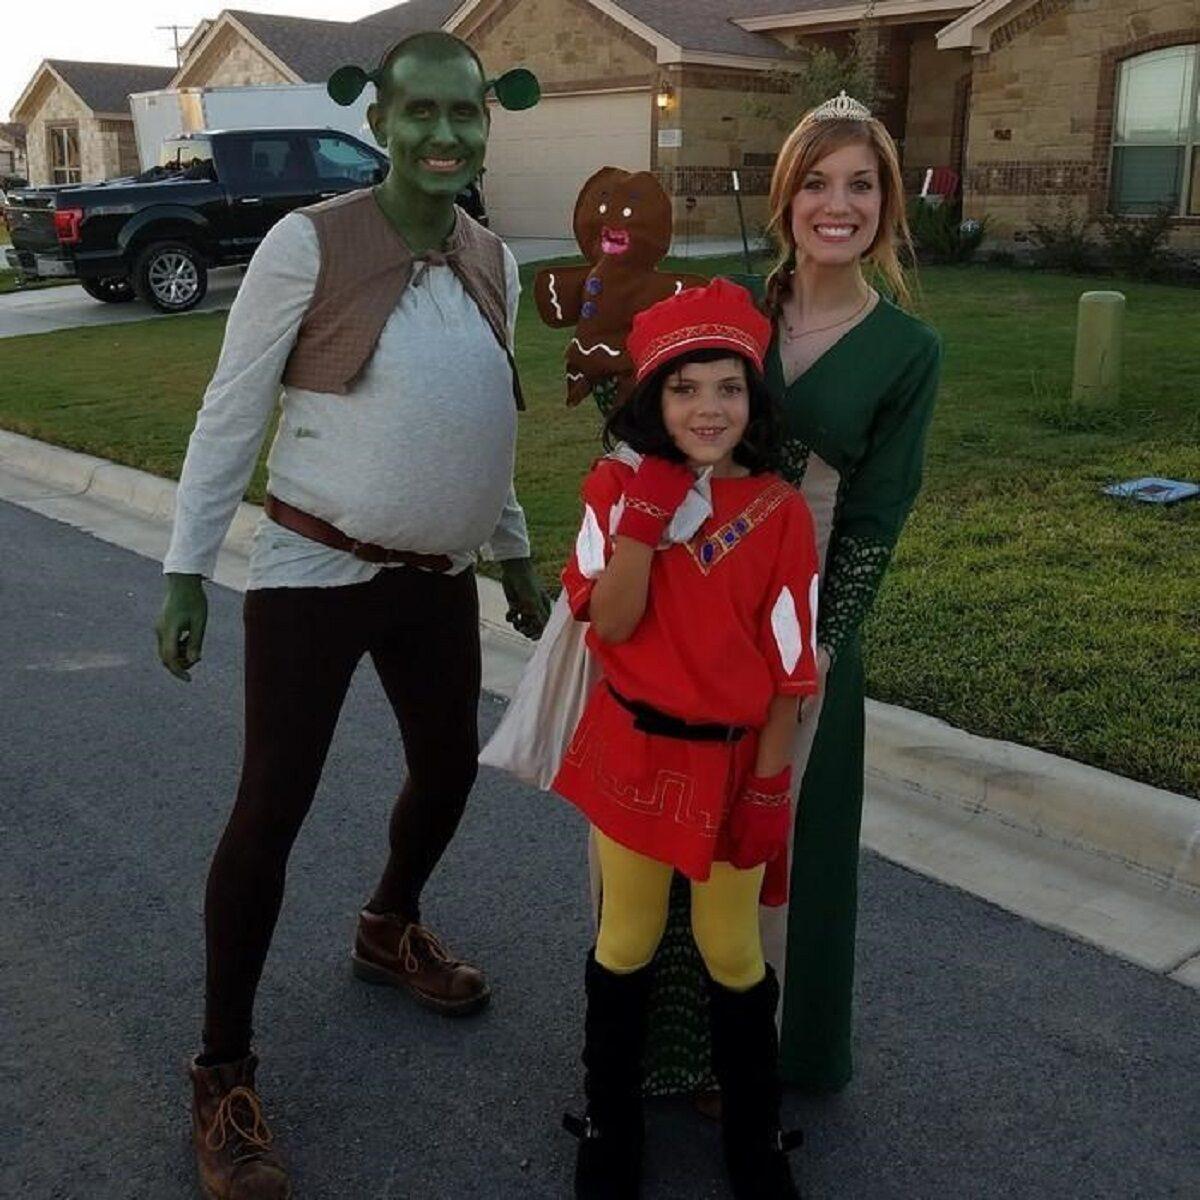 Fantasias de Halloween confira algumas opcoes para se inspirar 50